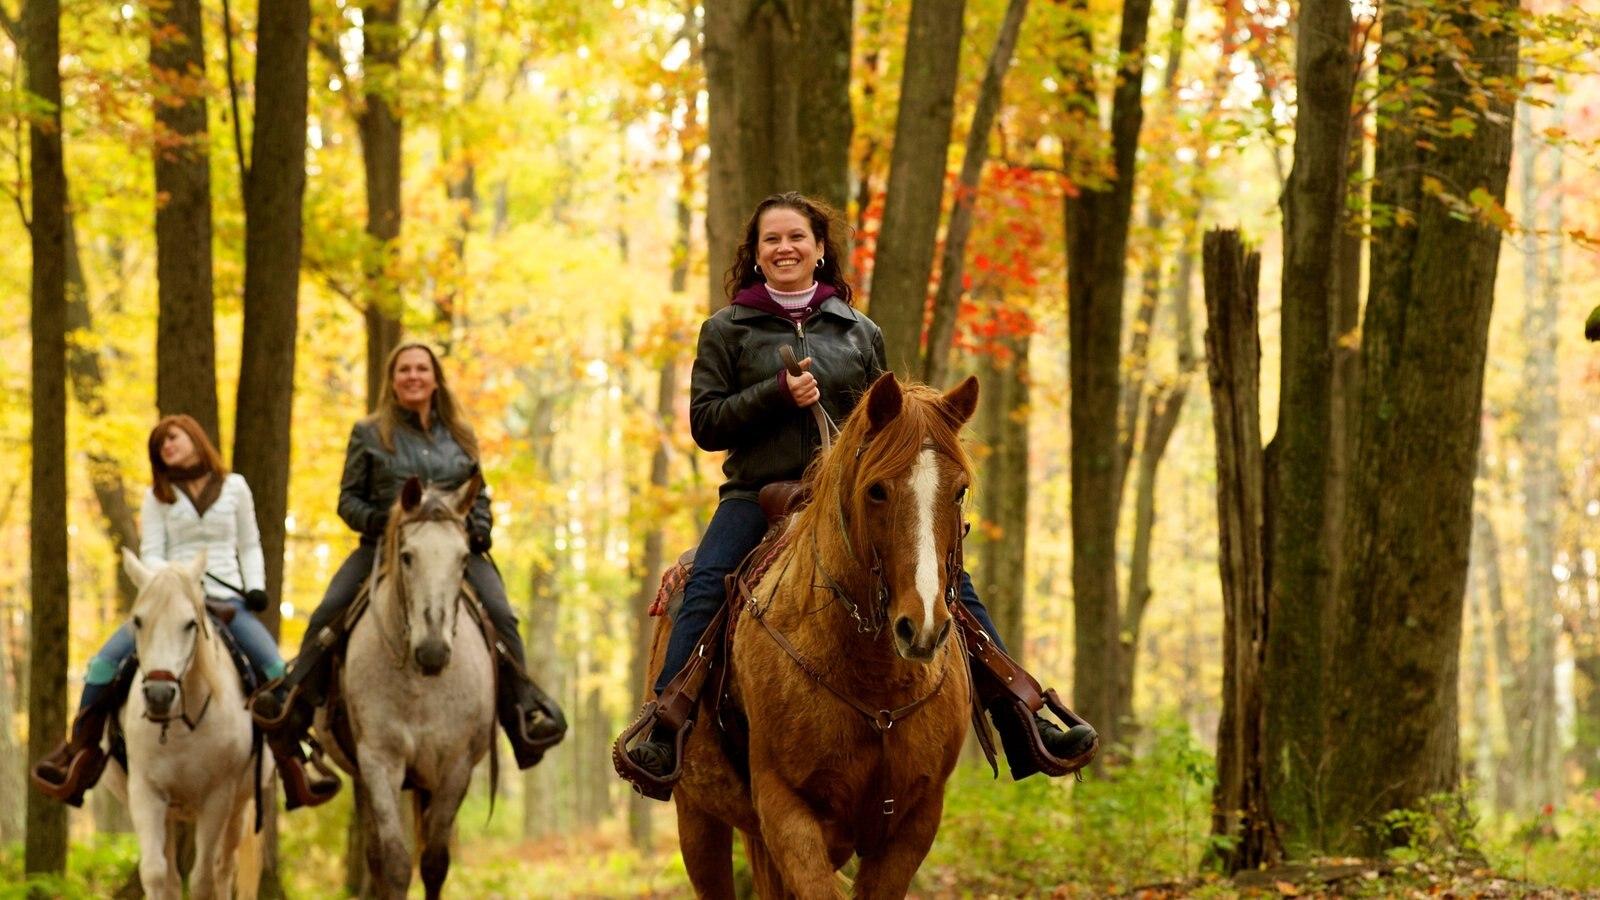 Poconos que inclui animais terrestres, cavalgada e cores do outono